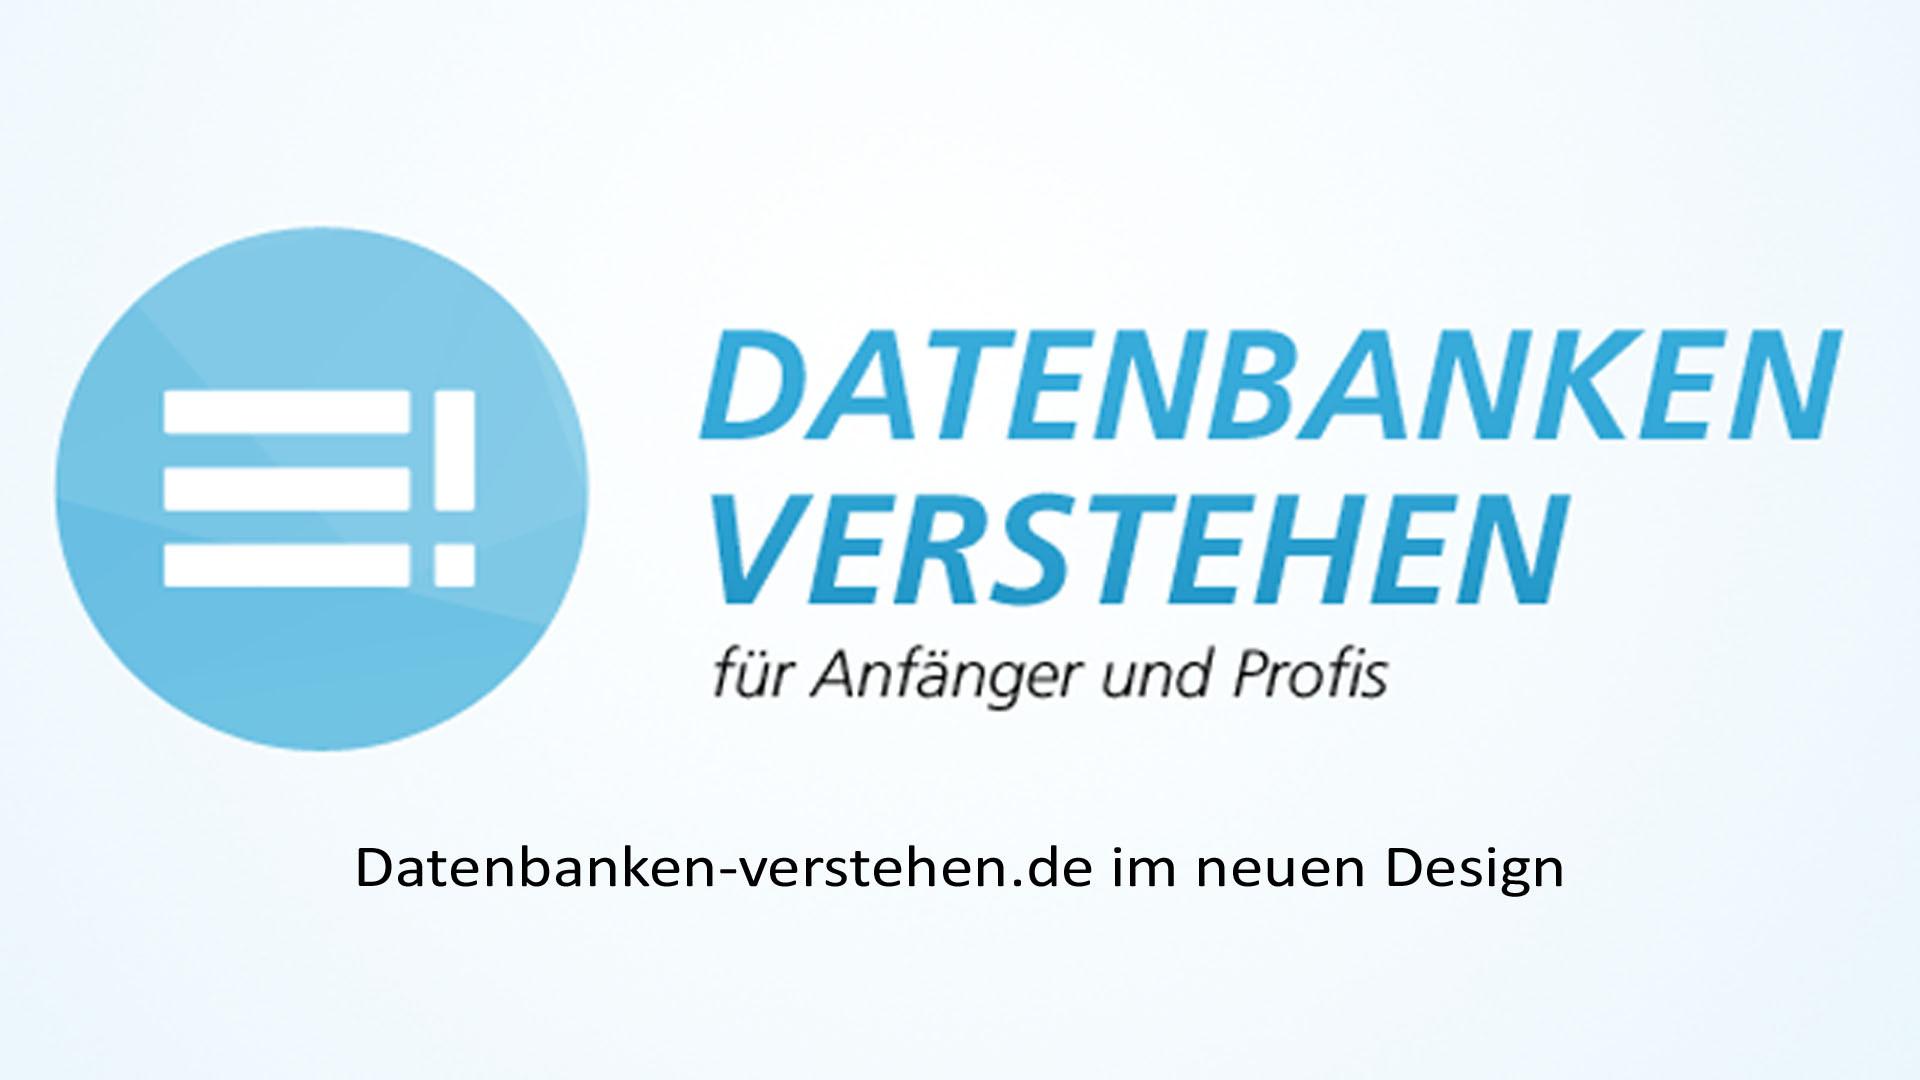 Datenbanken-verstehen.de im neuen Design! | Datenbank Blog